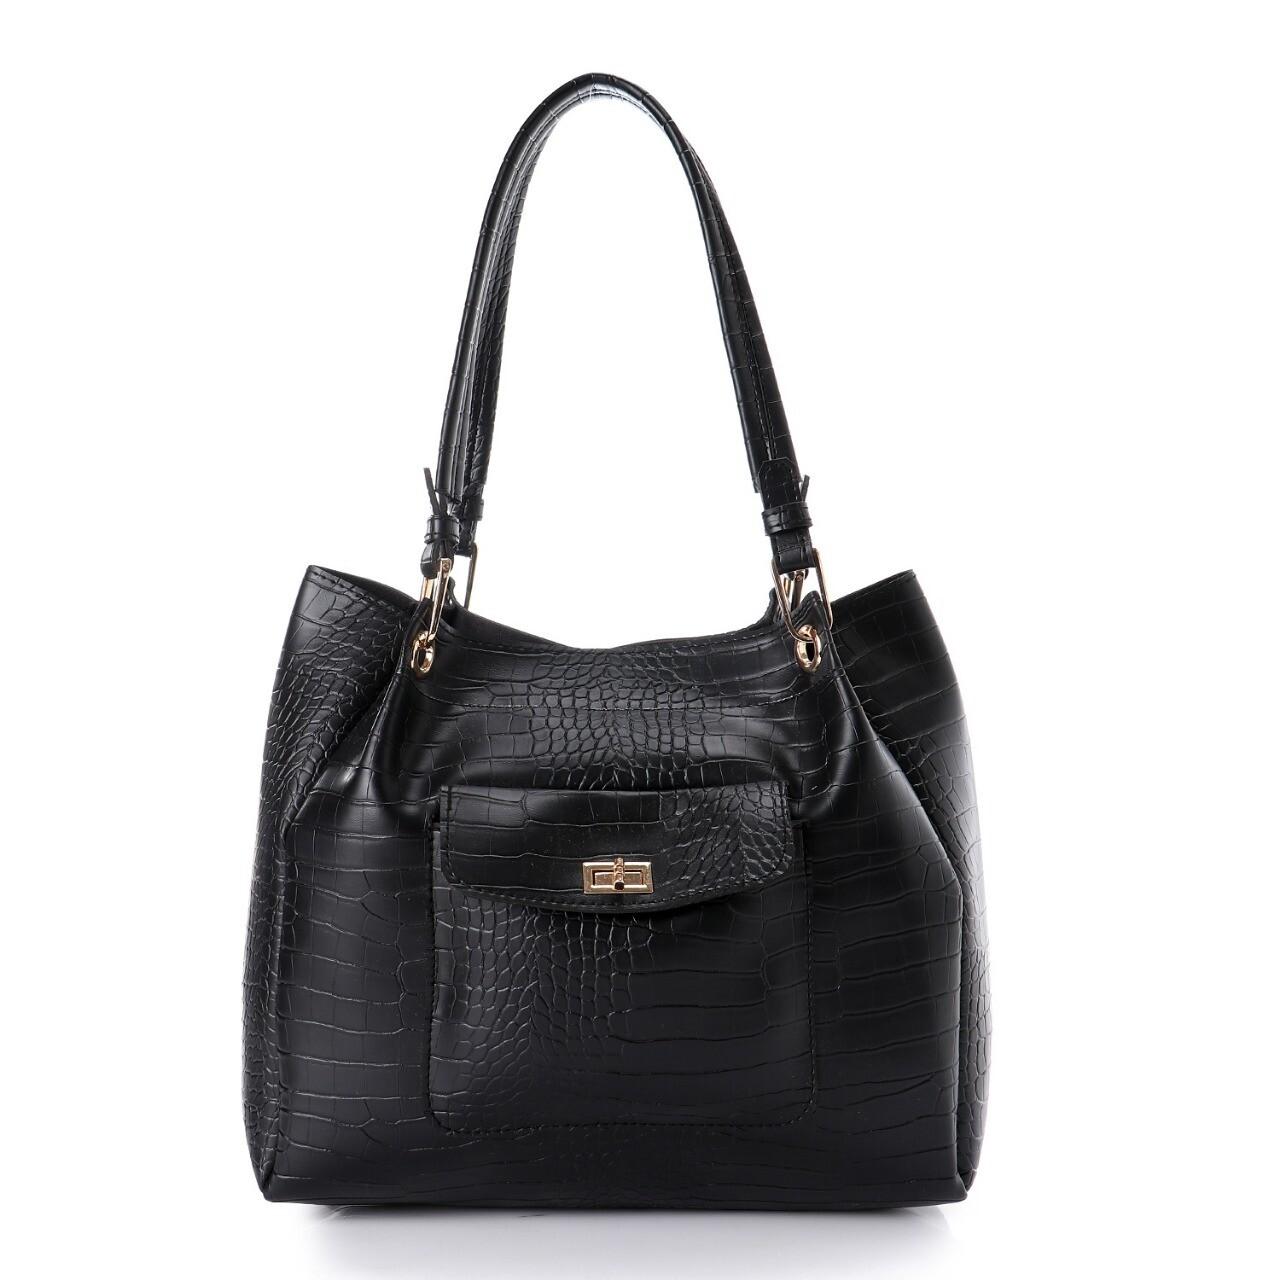 4836 Bag Black